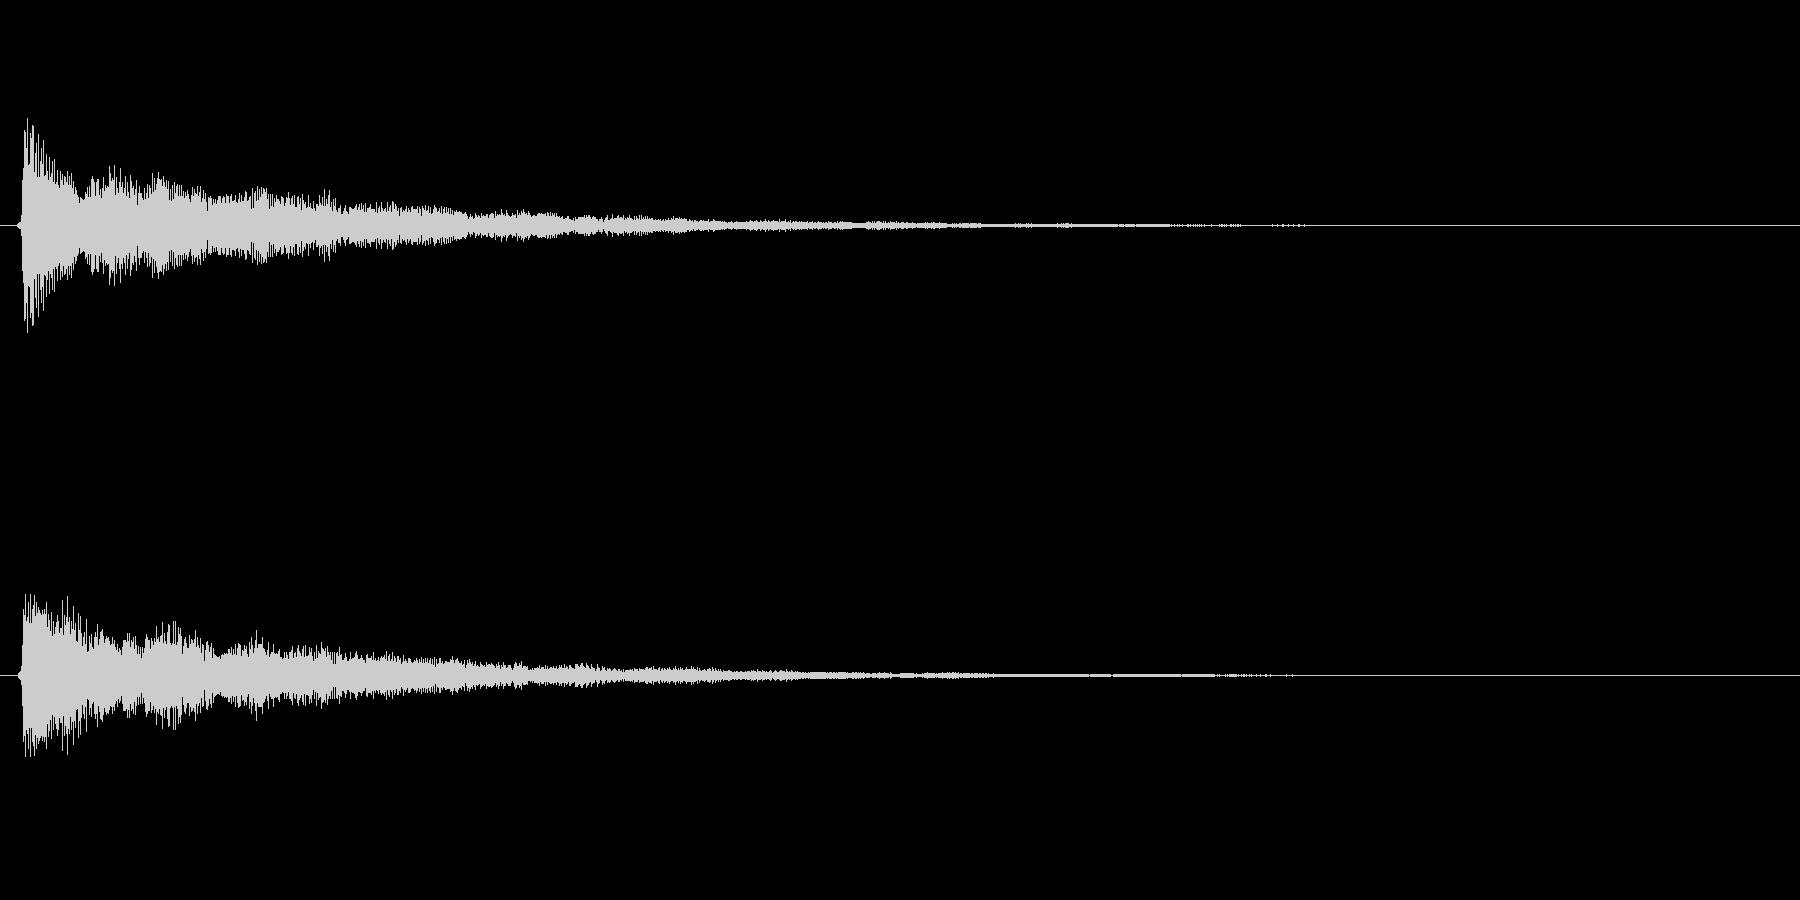 キラキラ系_116の未再生の波形